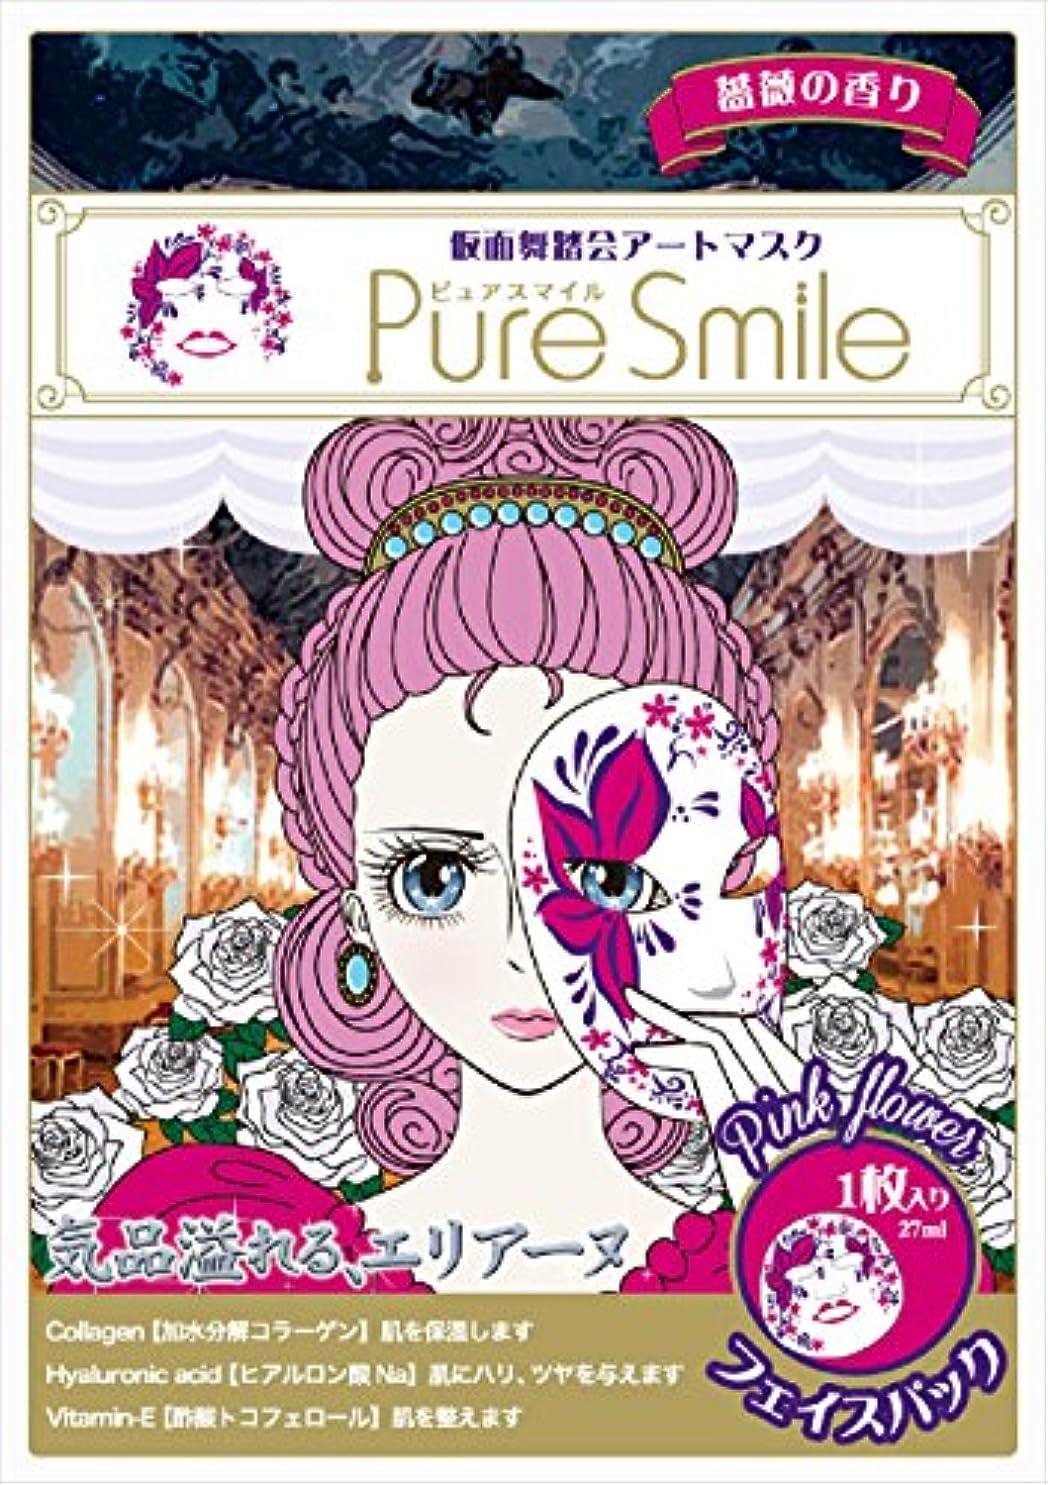 スリッパティームチョークPure Smile ピュアスマイル 仮面舞踏会アートマスク ピンクフラワー